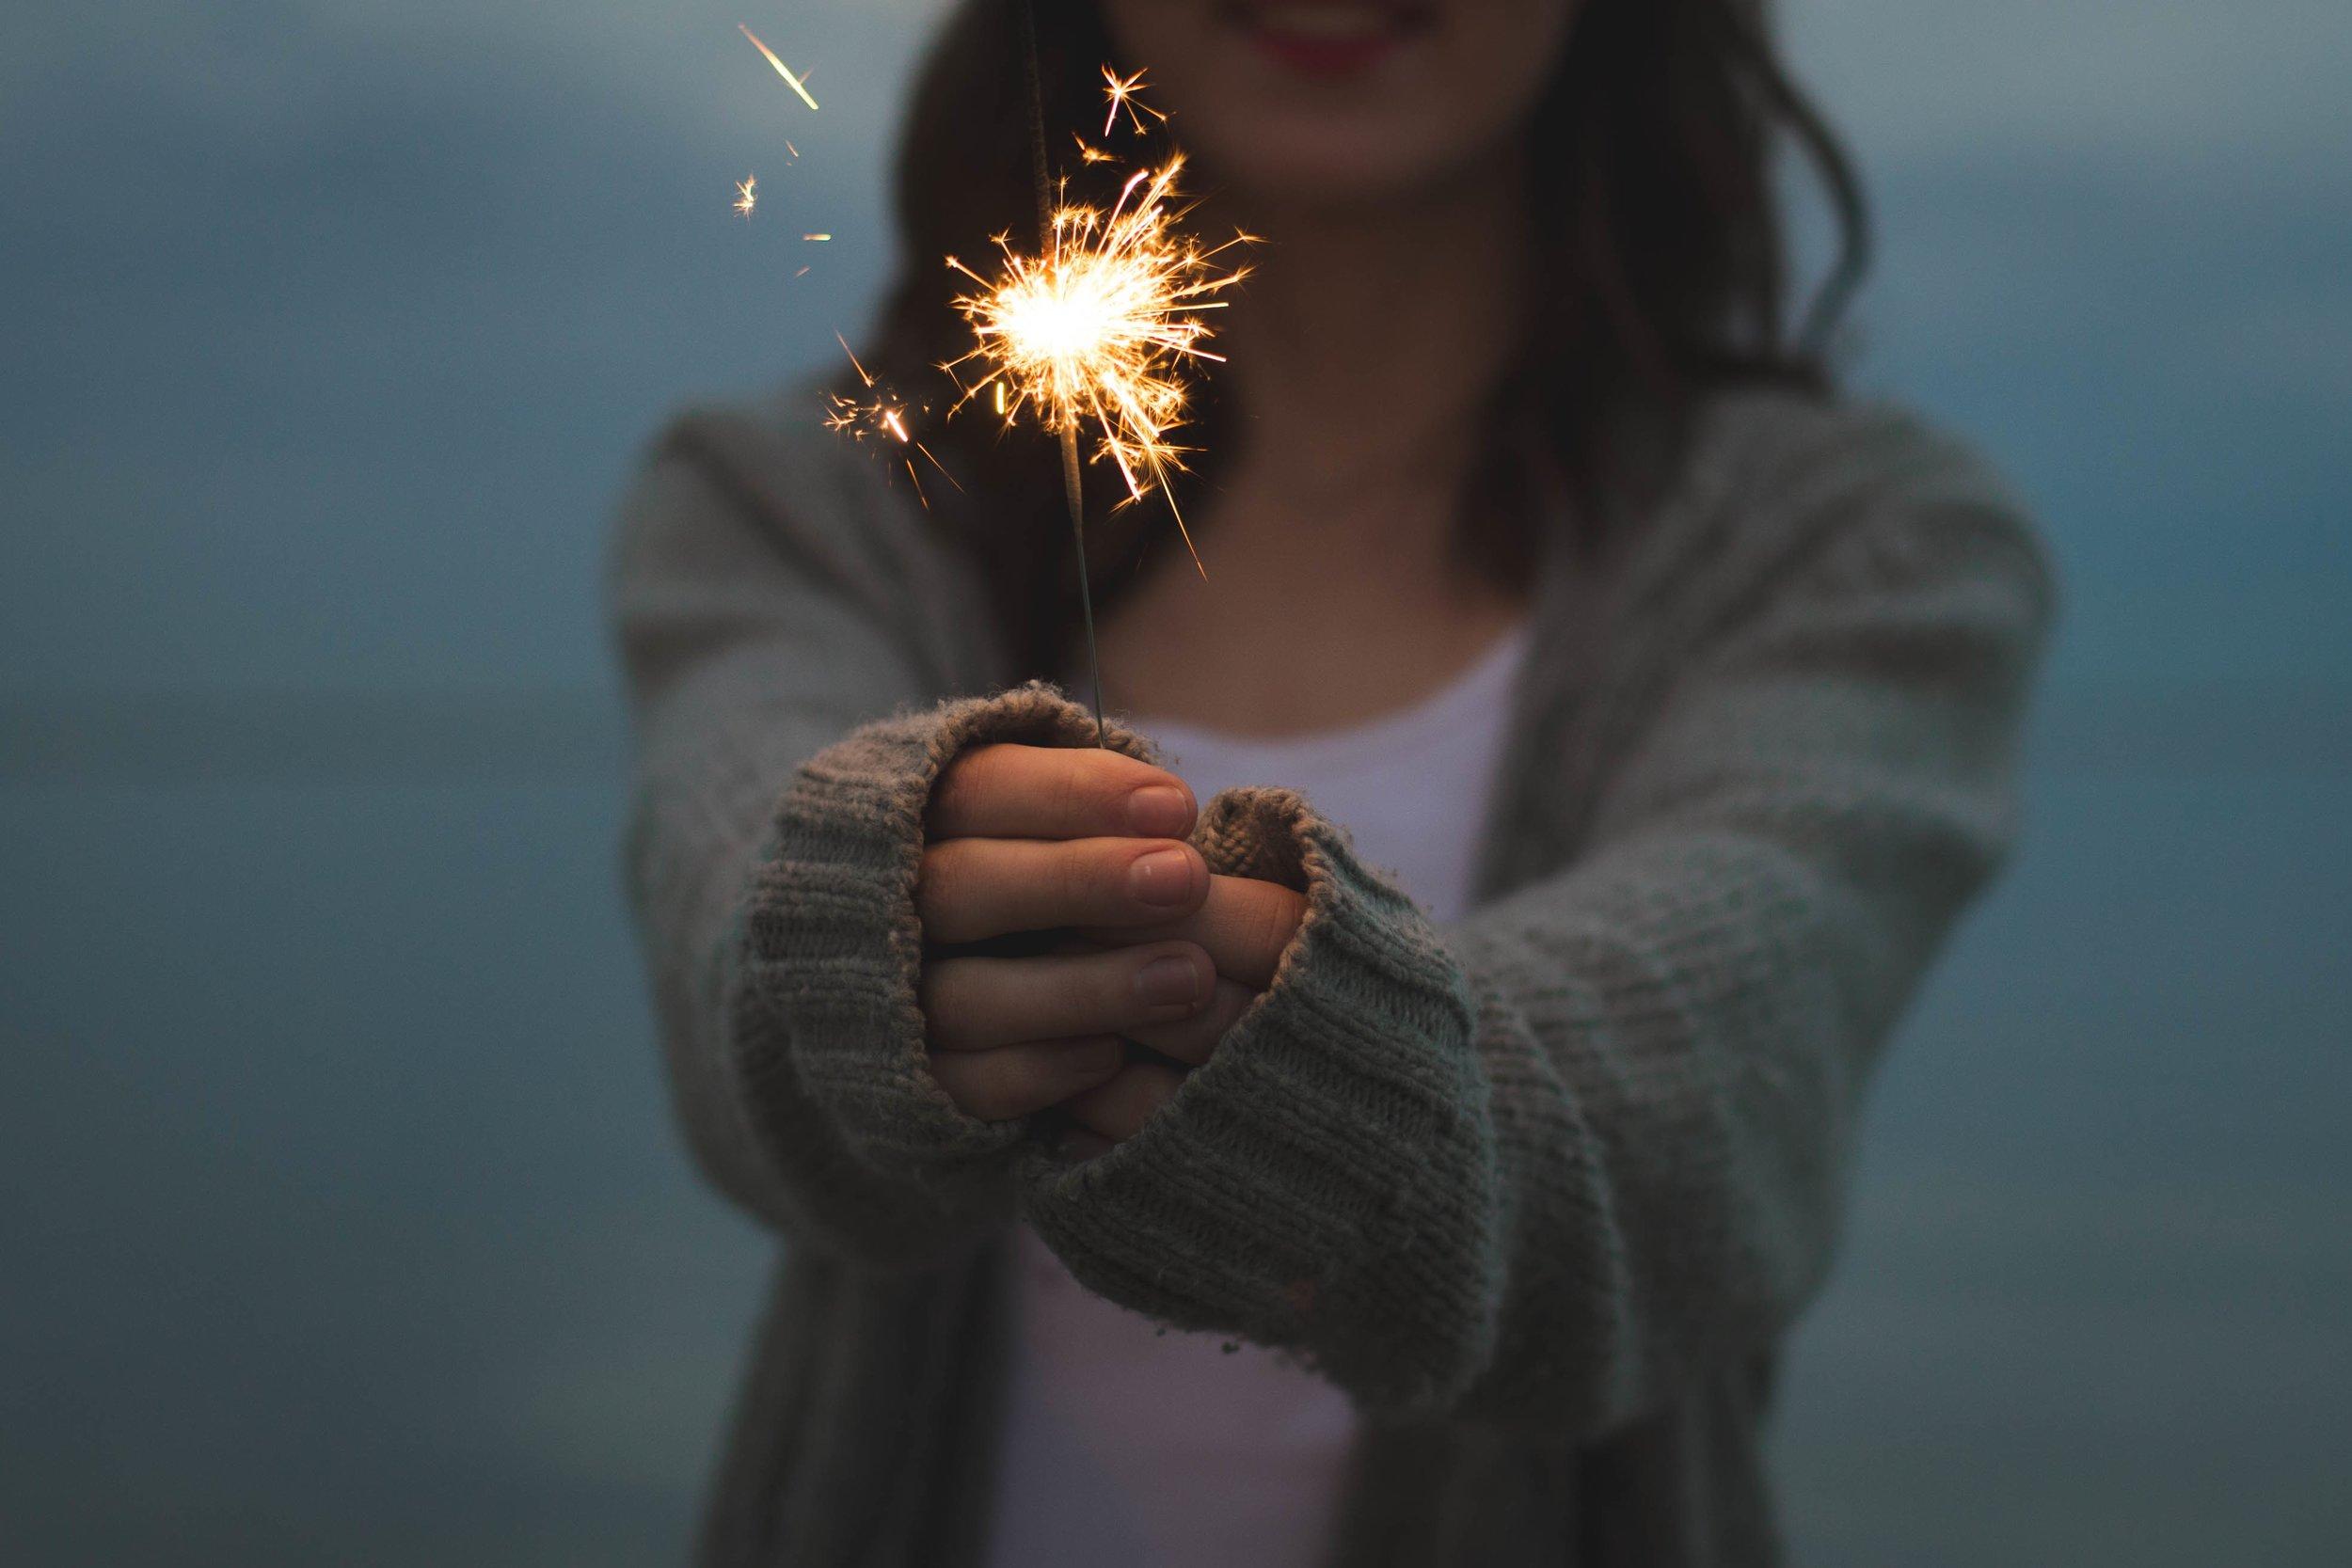 hand-light-girl-woman-sunlight-sparkler-2807-pxhere.com.jpg